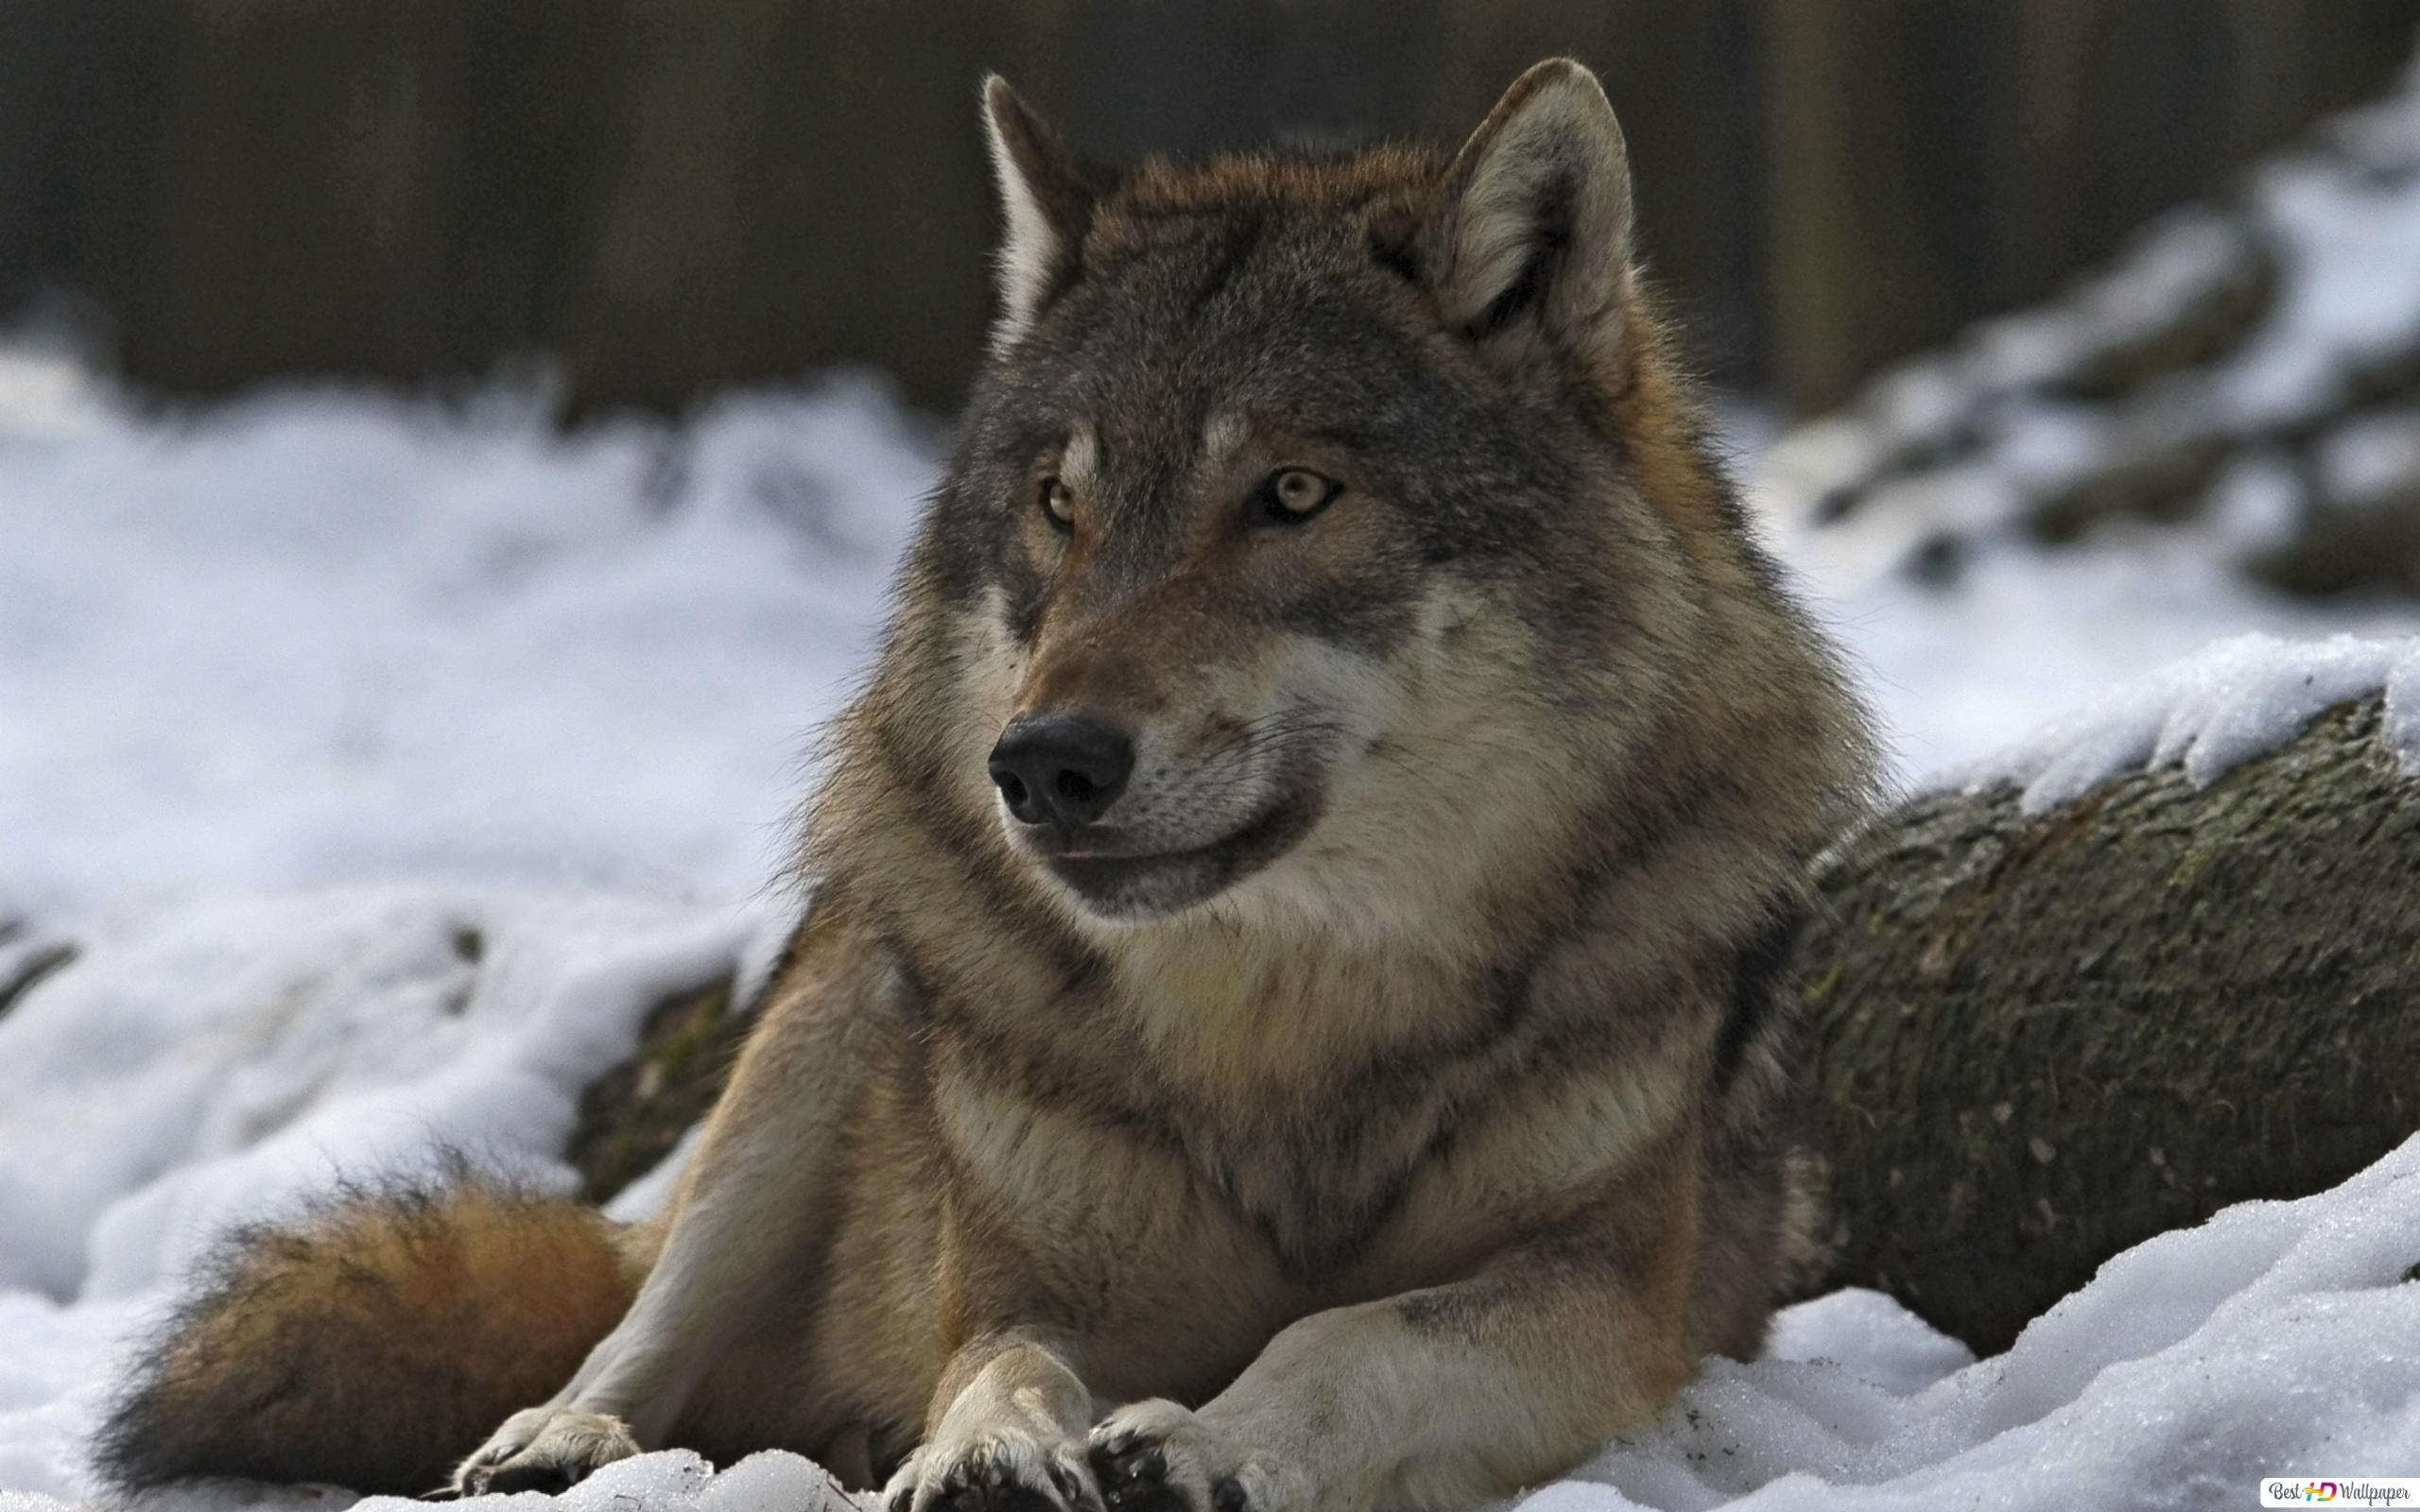 Wolf Bilder Zum Herunterladen - Kostenlos zum Ausdrucken